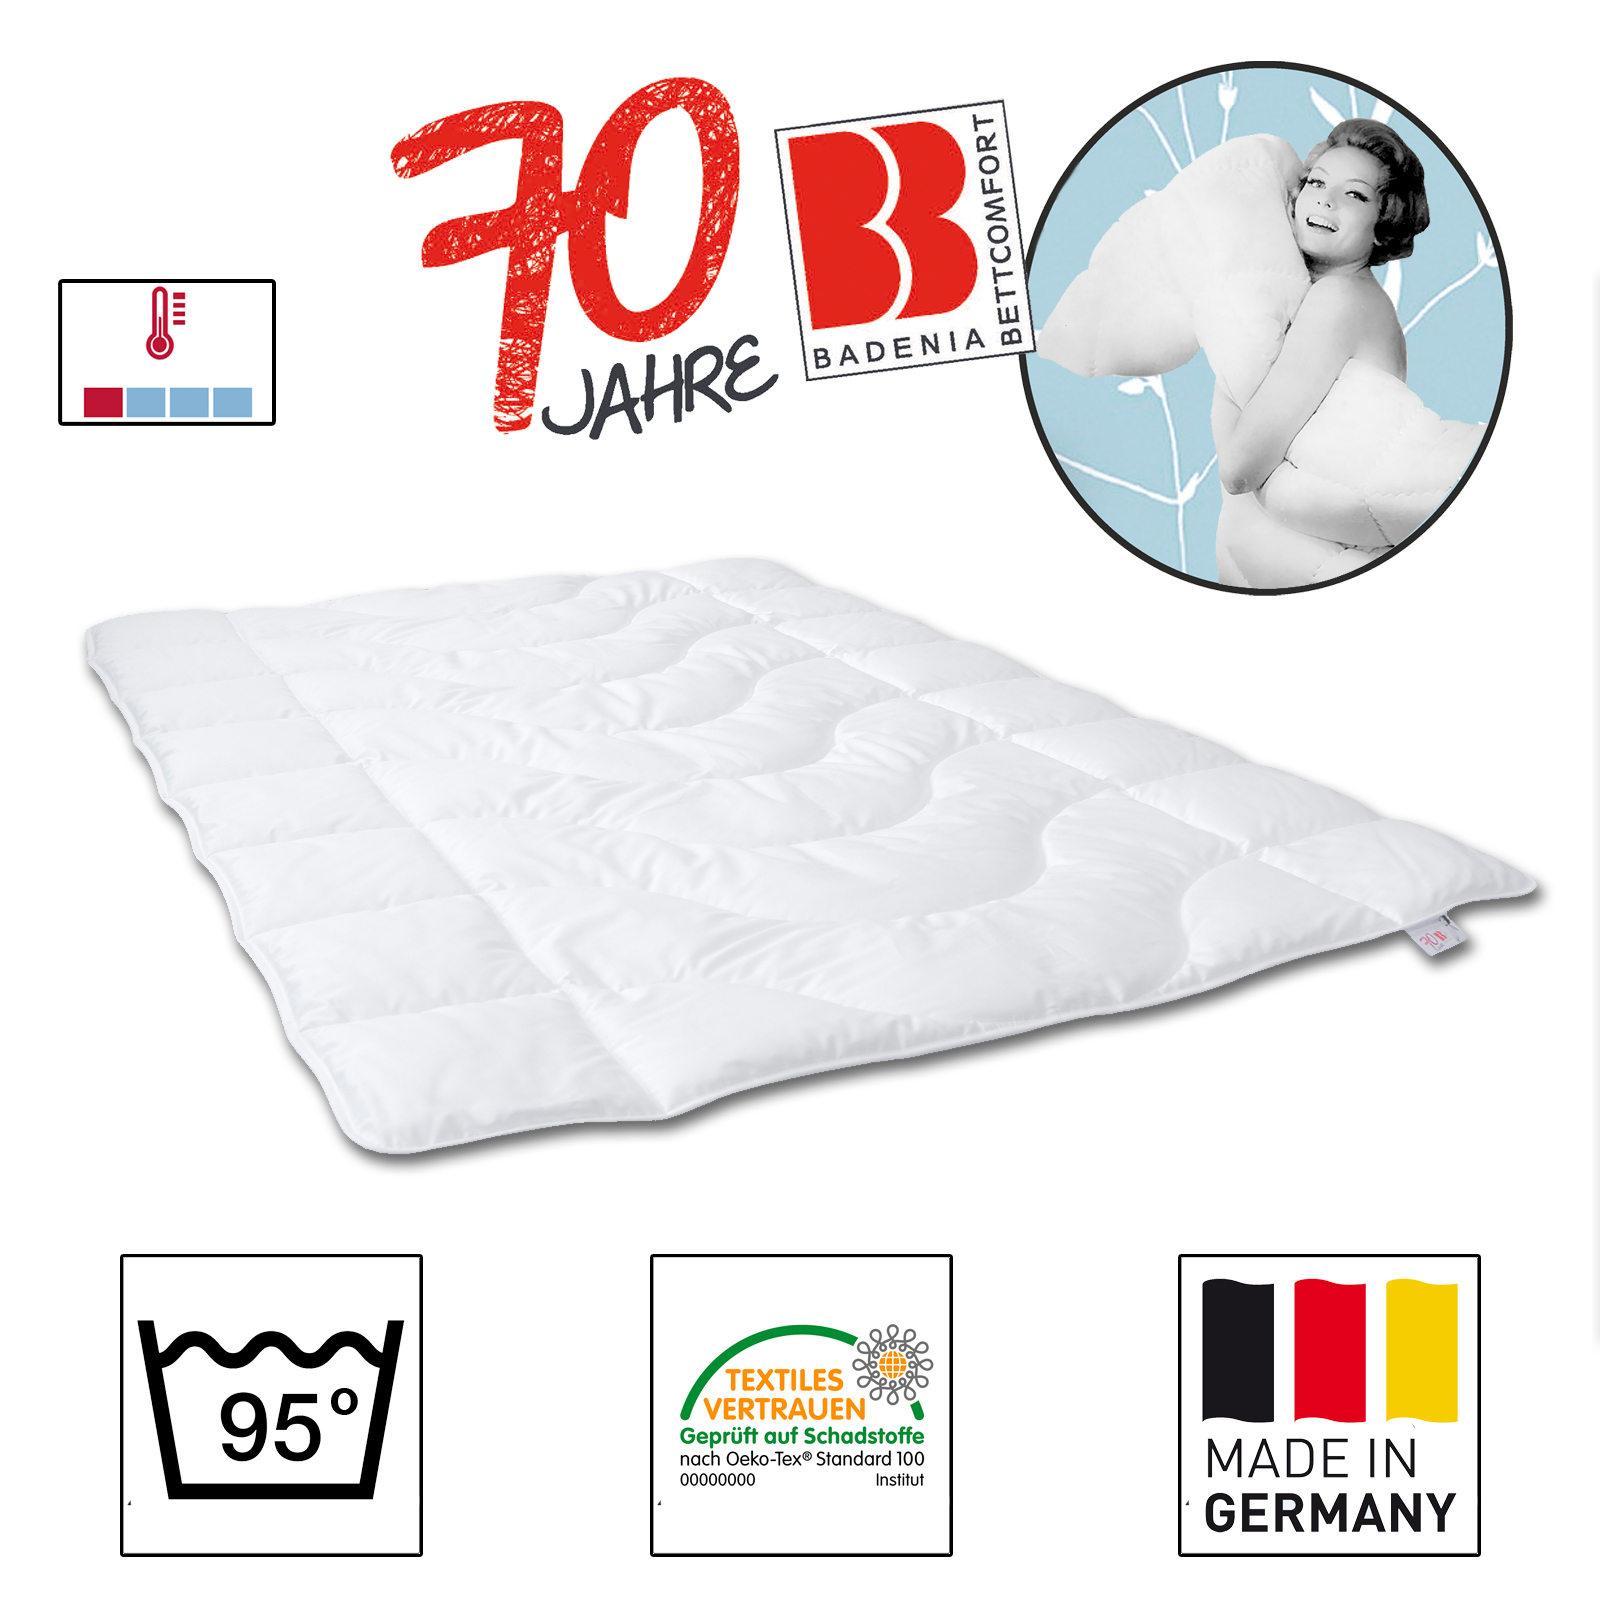 badenia steppbett leicht k rperzone microfaser wei 100 polyester hohlfaser ebay. Black Bedroom Furniture Sets. Home Design Ideas